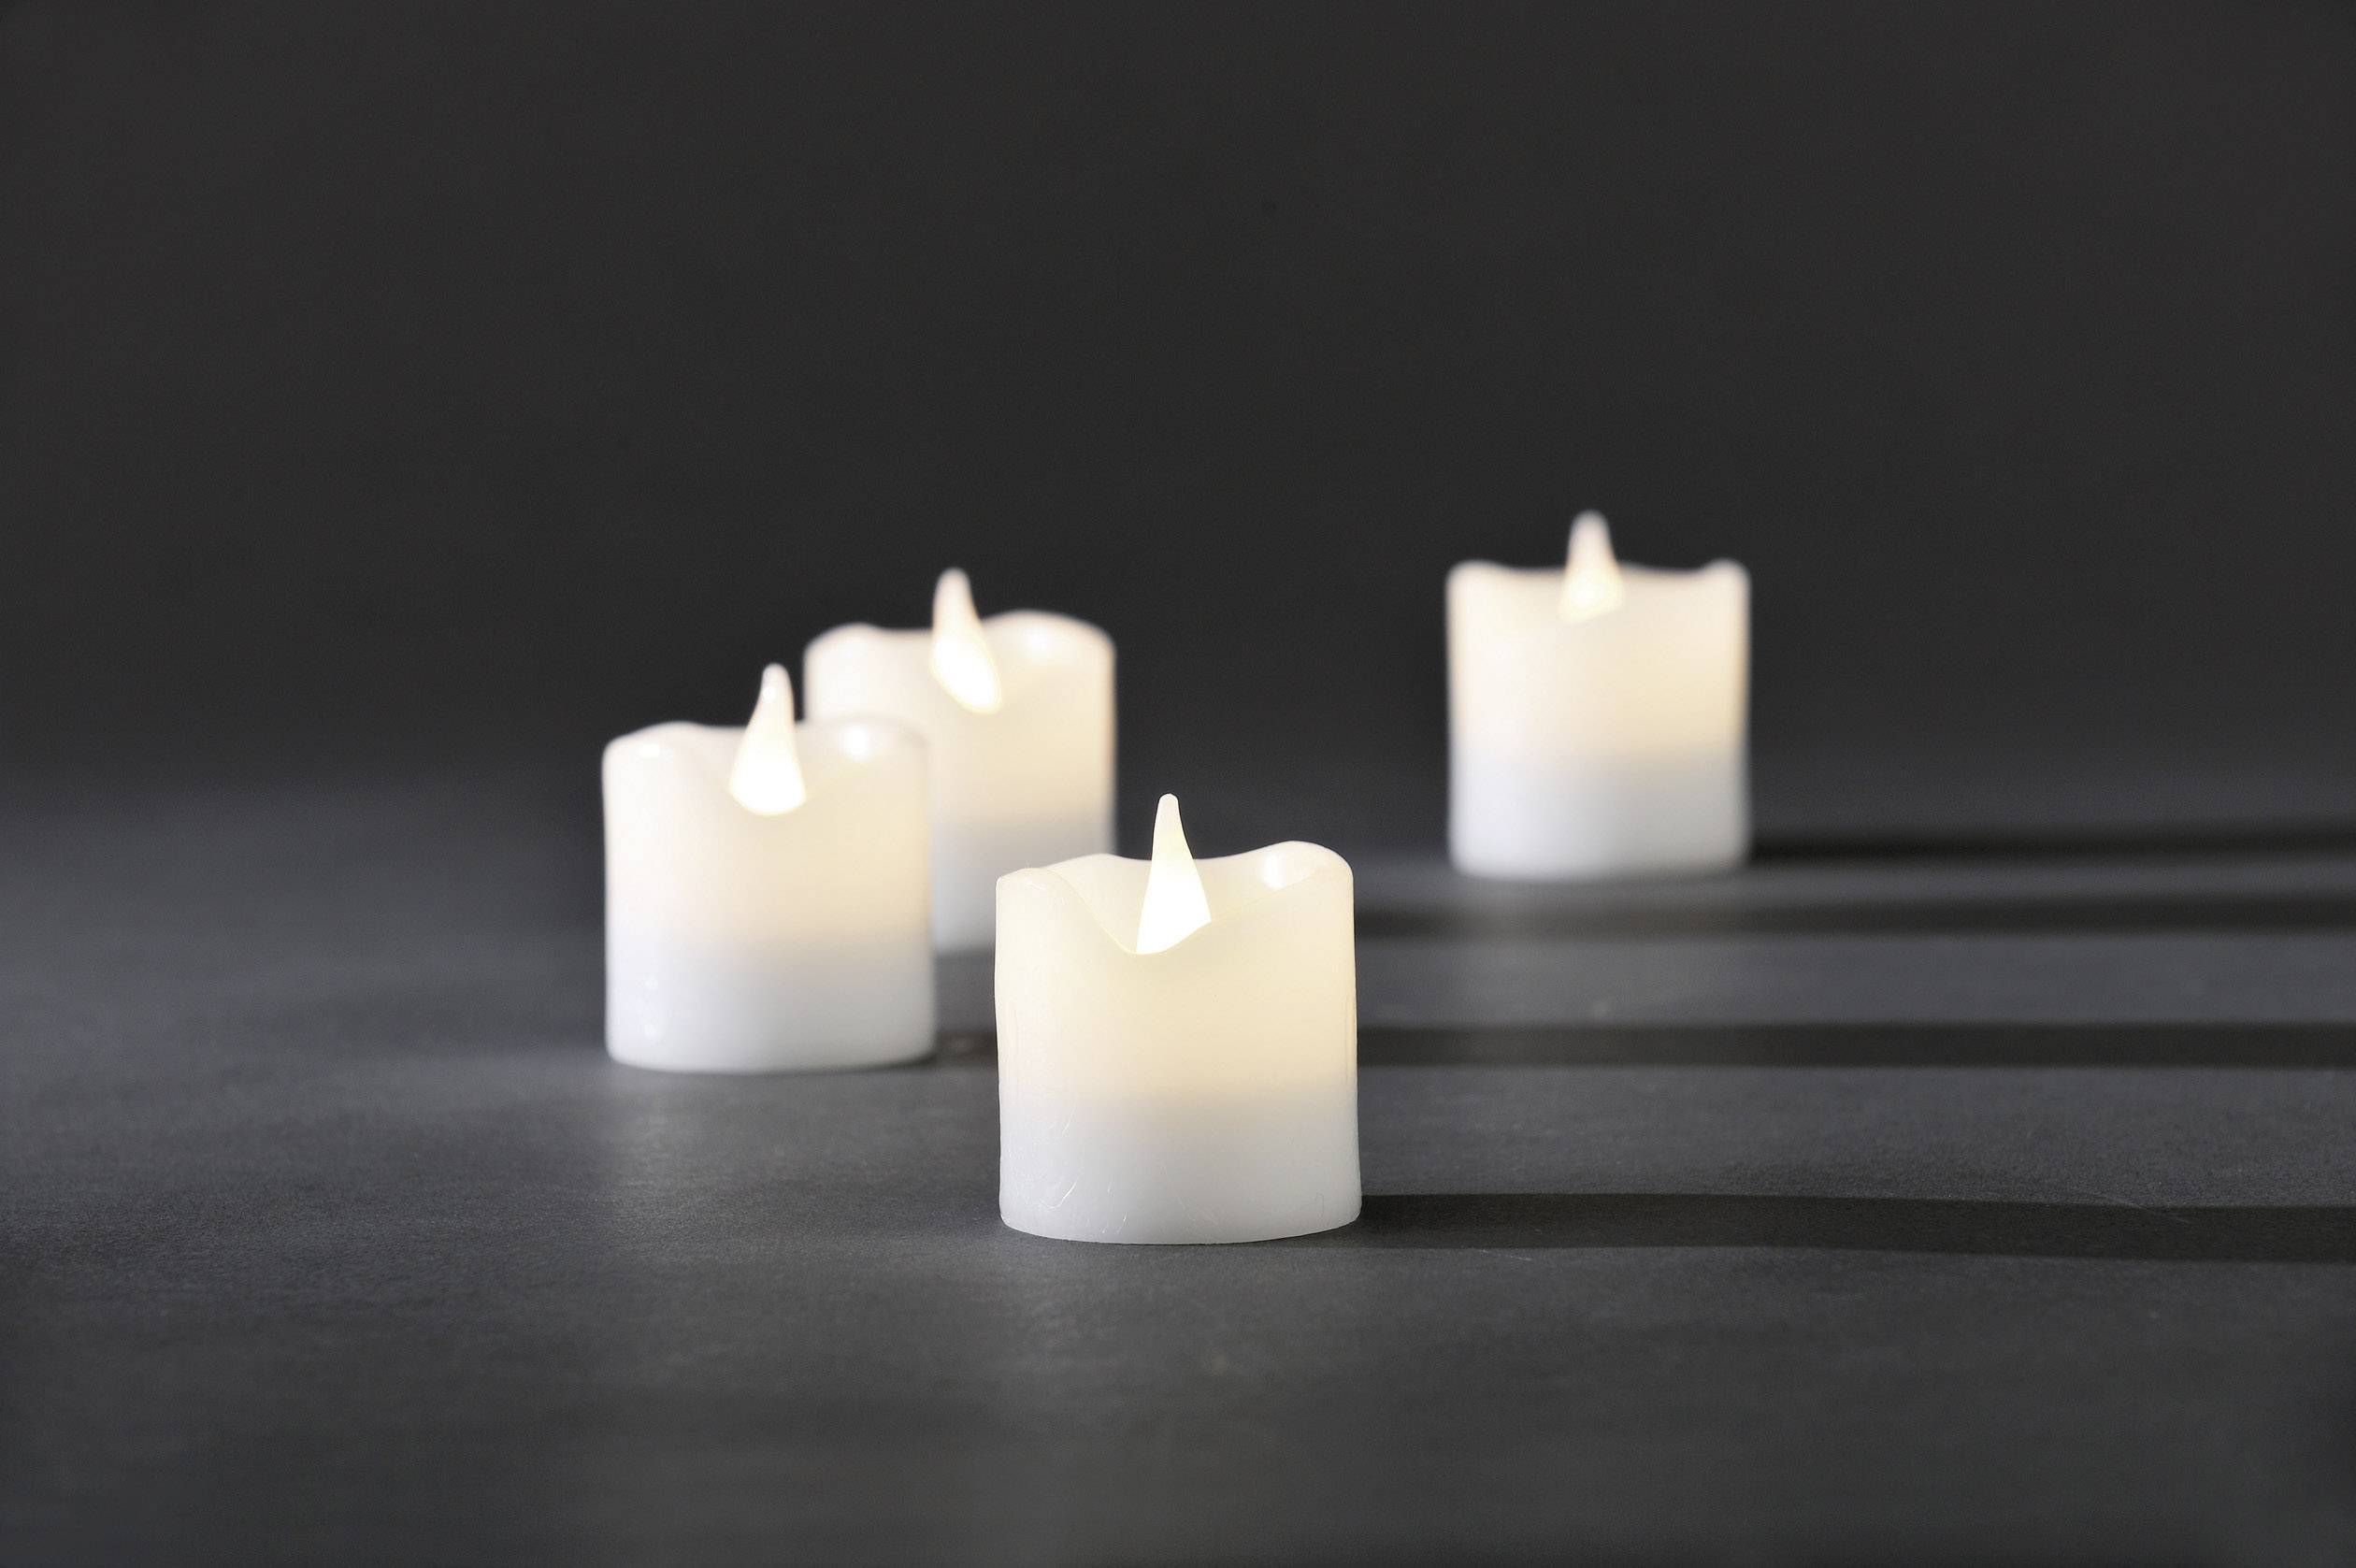 Svítící LED svíčky Konstsmide, 4,2x 4,5 cm, sada 4 ks